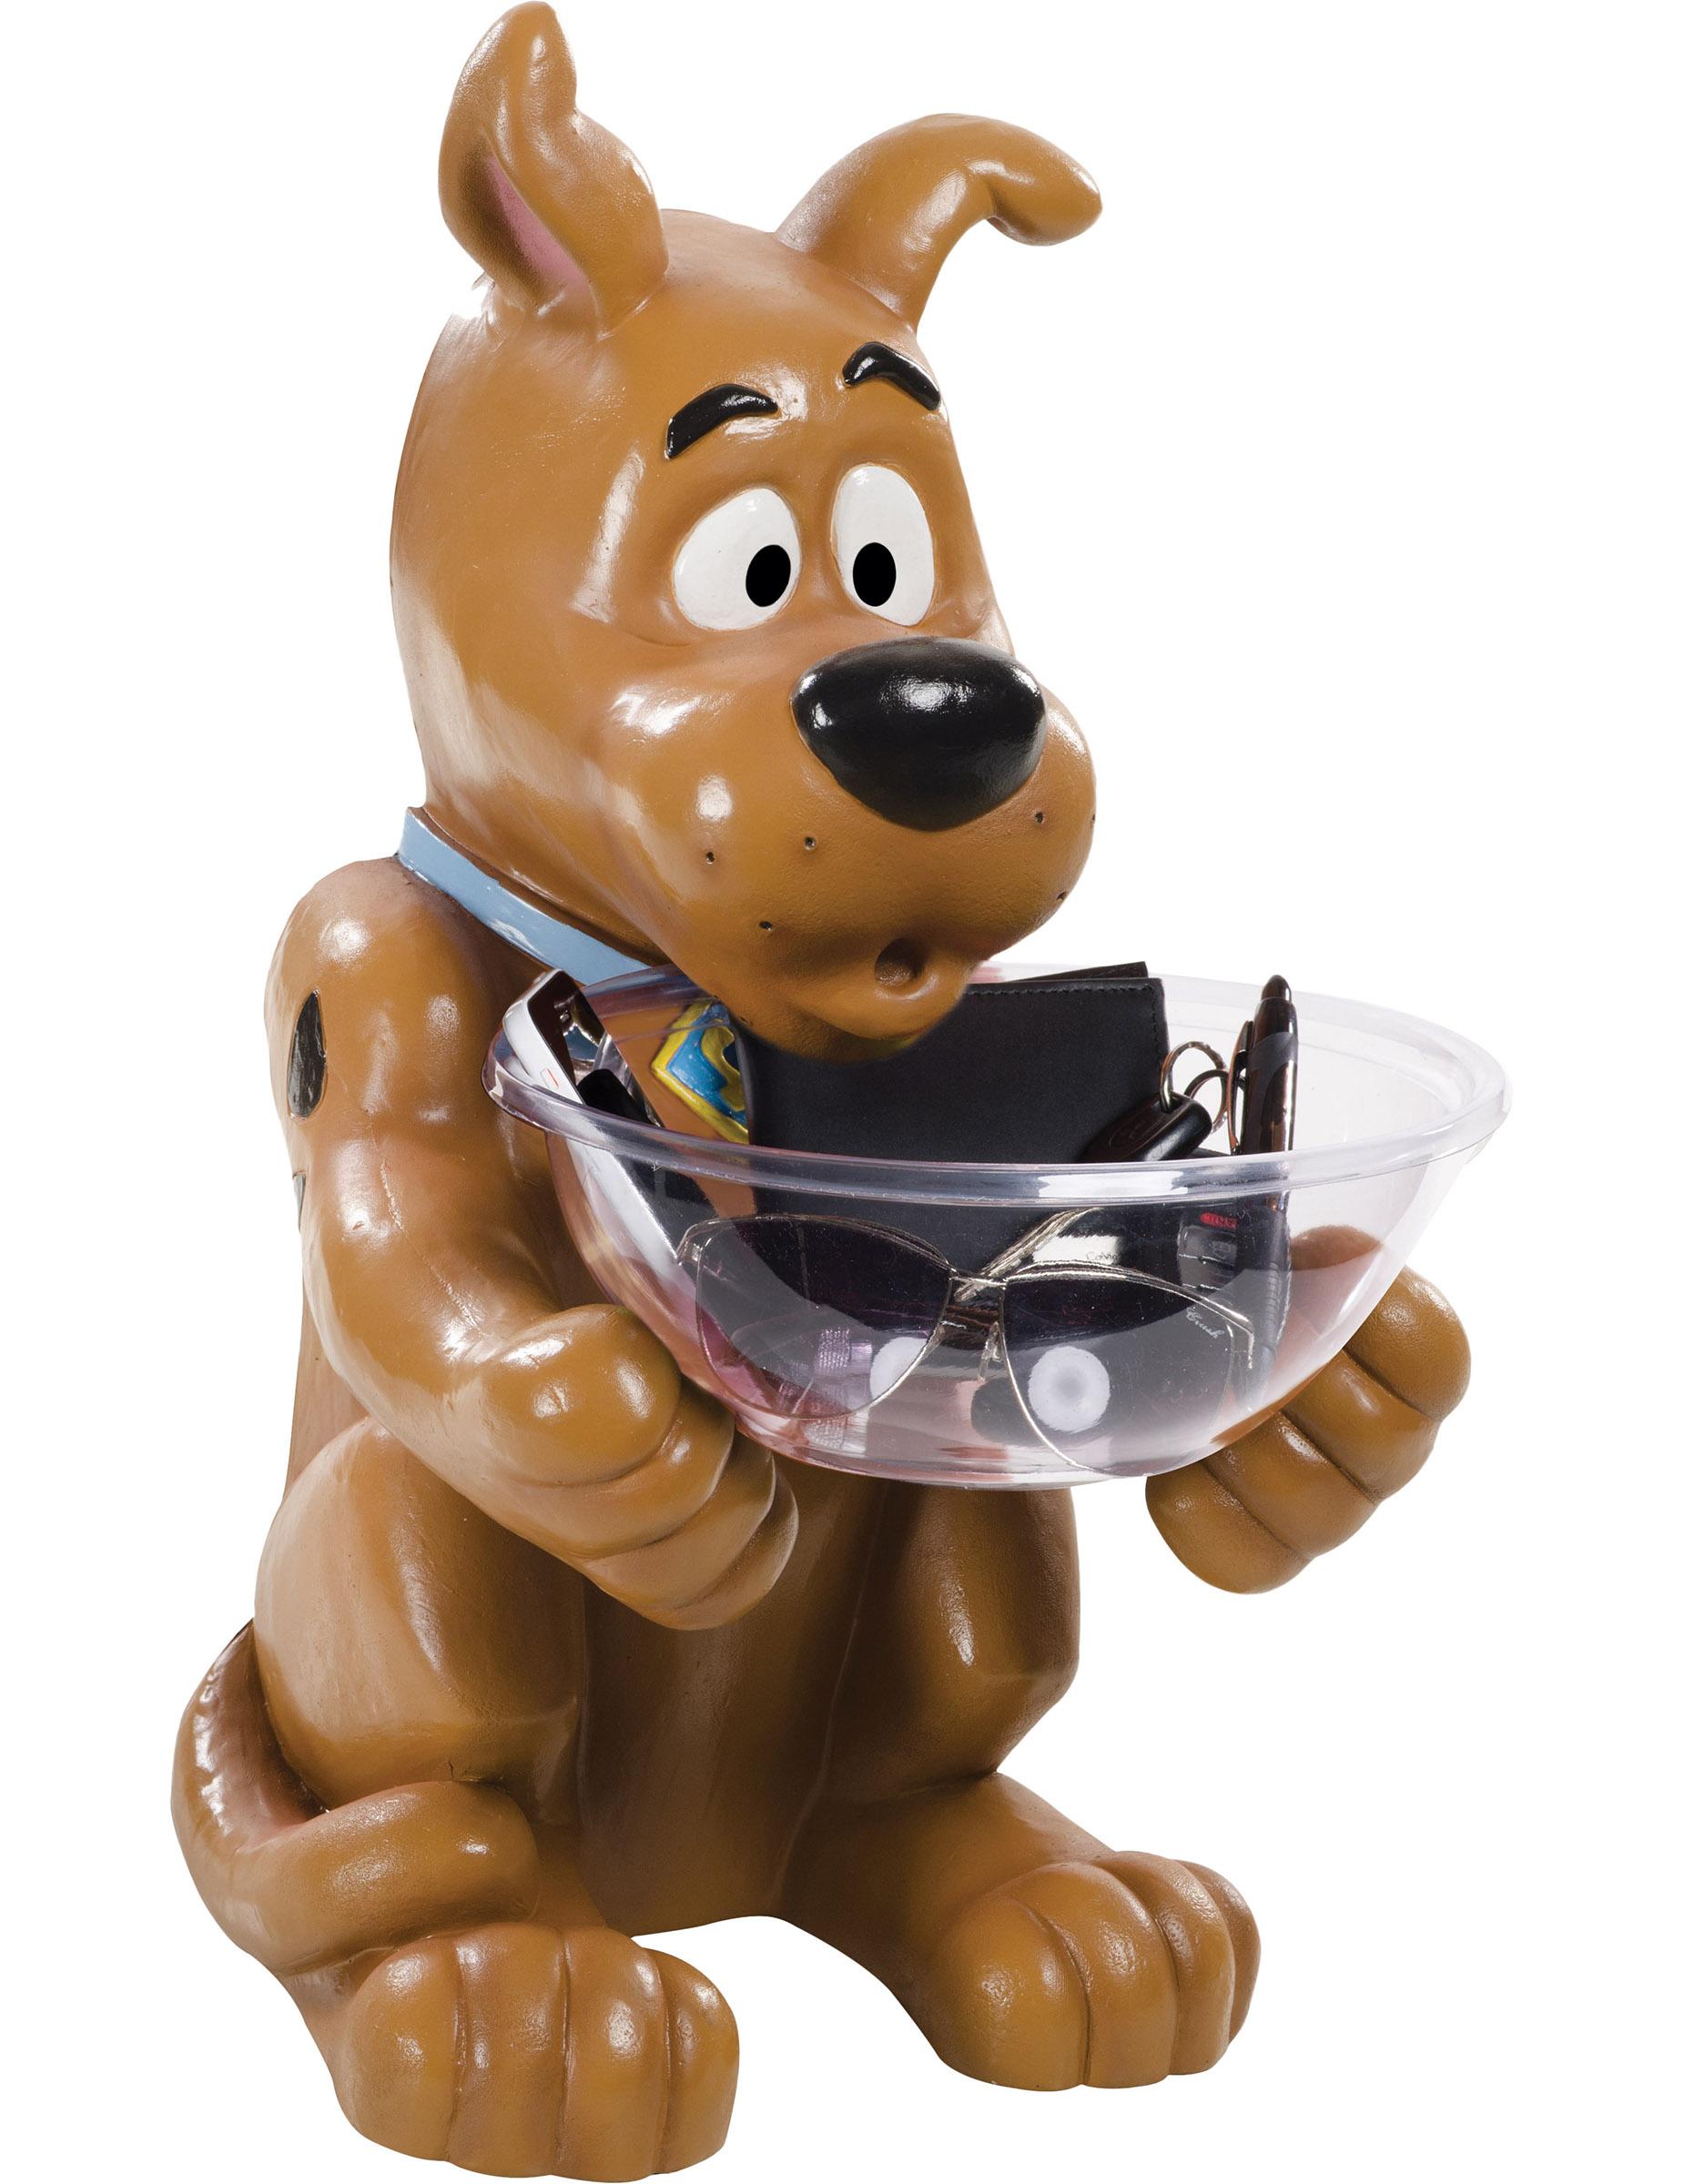 Scooby-Doo™ Figur mit bonbon Schüssel: Partydeko,und günstige ...